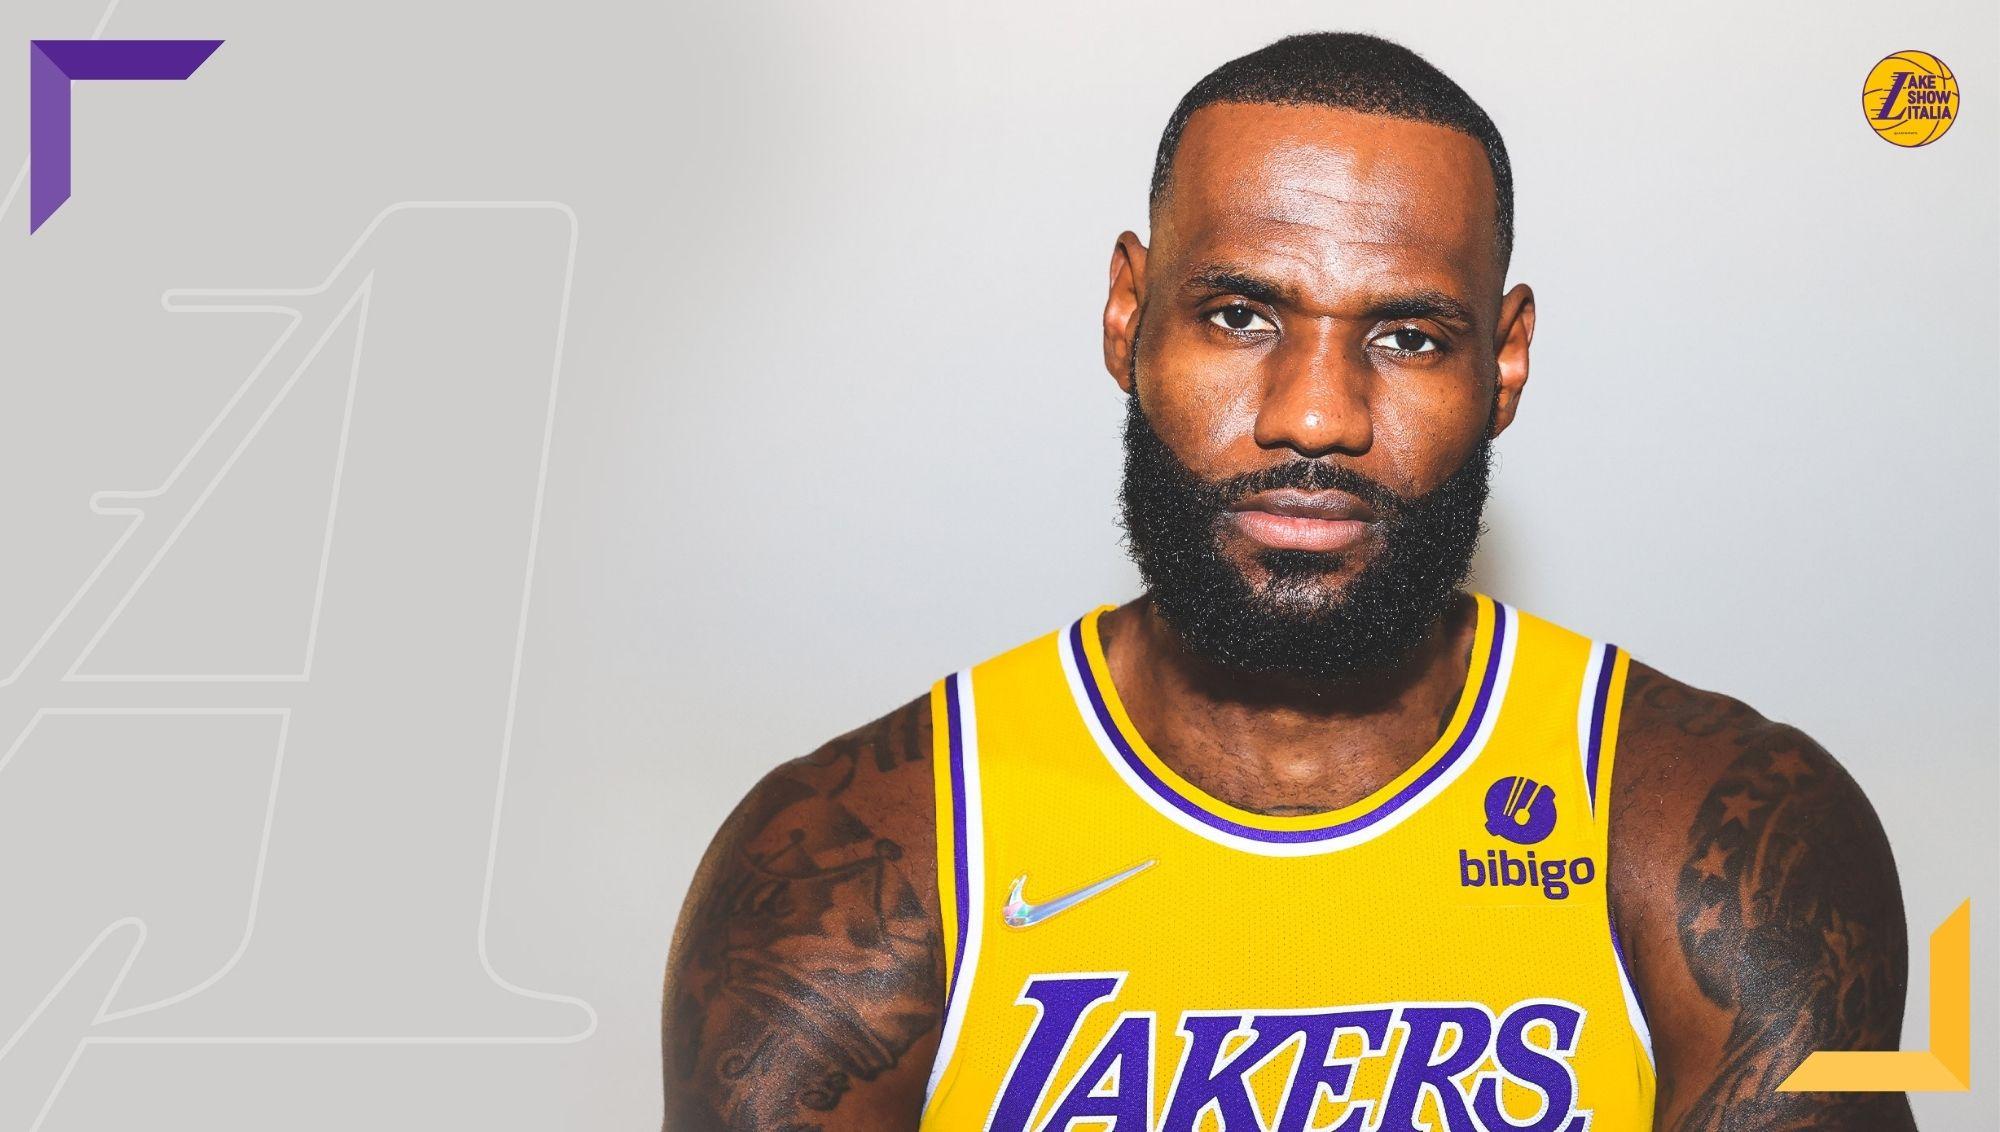 I Los Angeles Lakers hanno ufficializzato una partnership milionaria con bibigo. La patch del colosso coreano esordirà già dalla preseason.